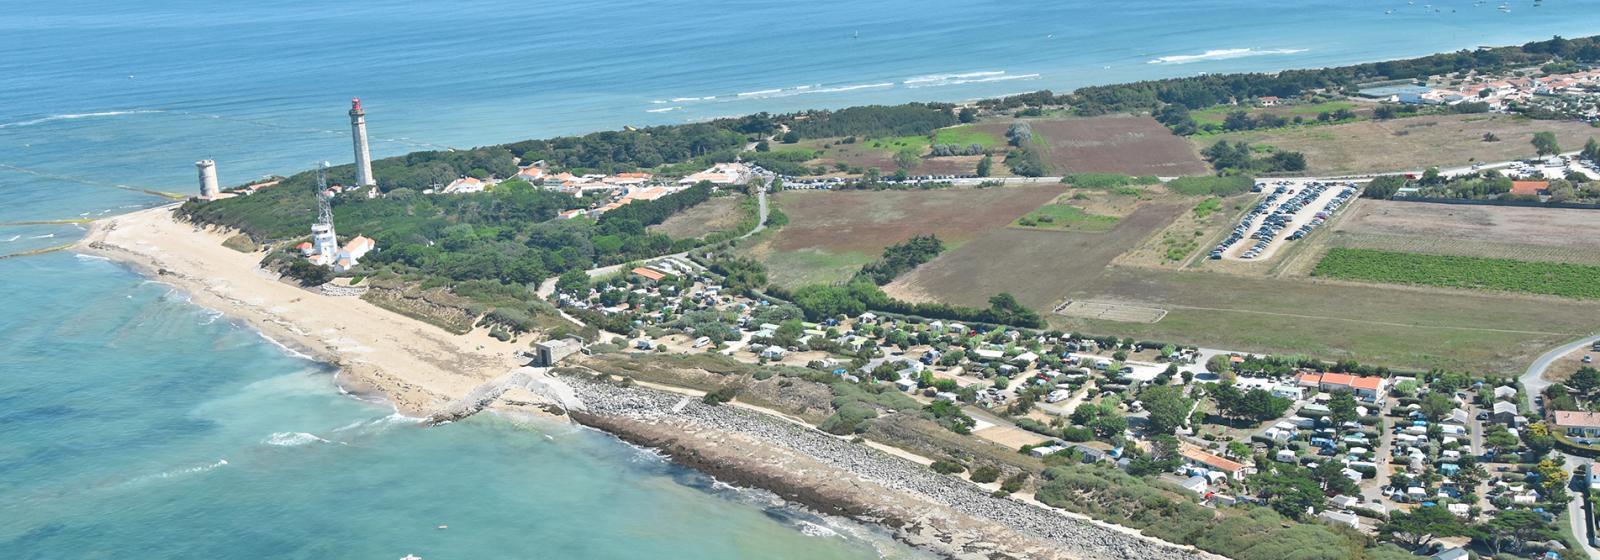 La Grainetière Ile De Ré Avis camping ile de ré - campsite 3 stars les baleines